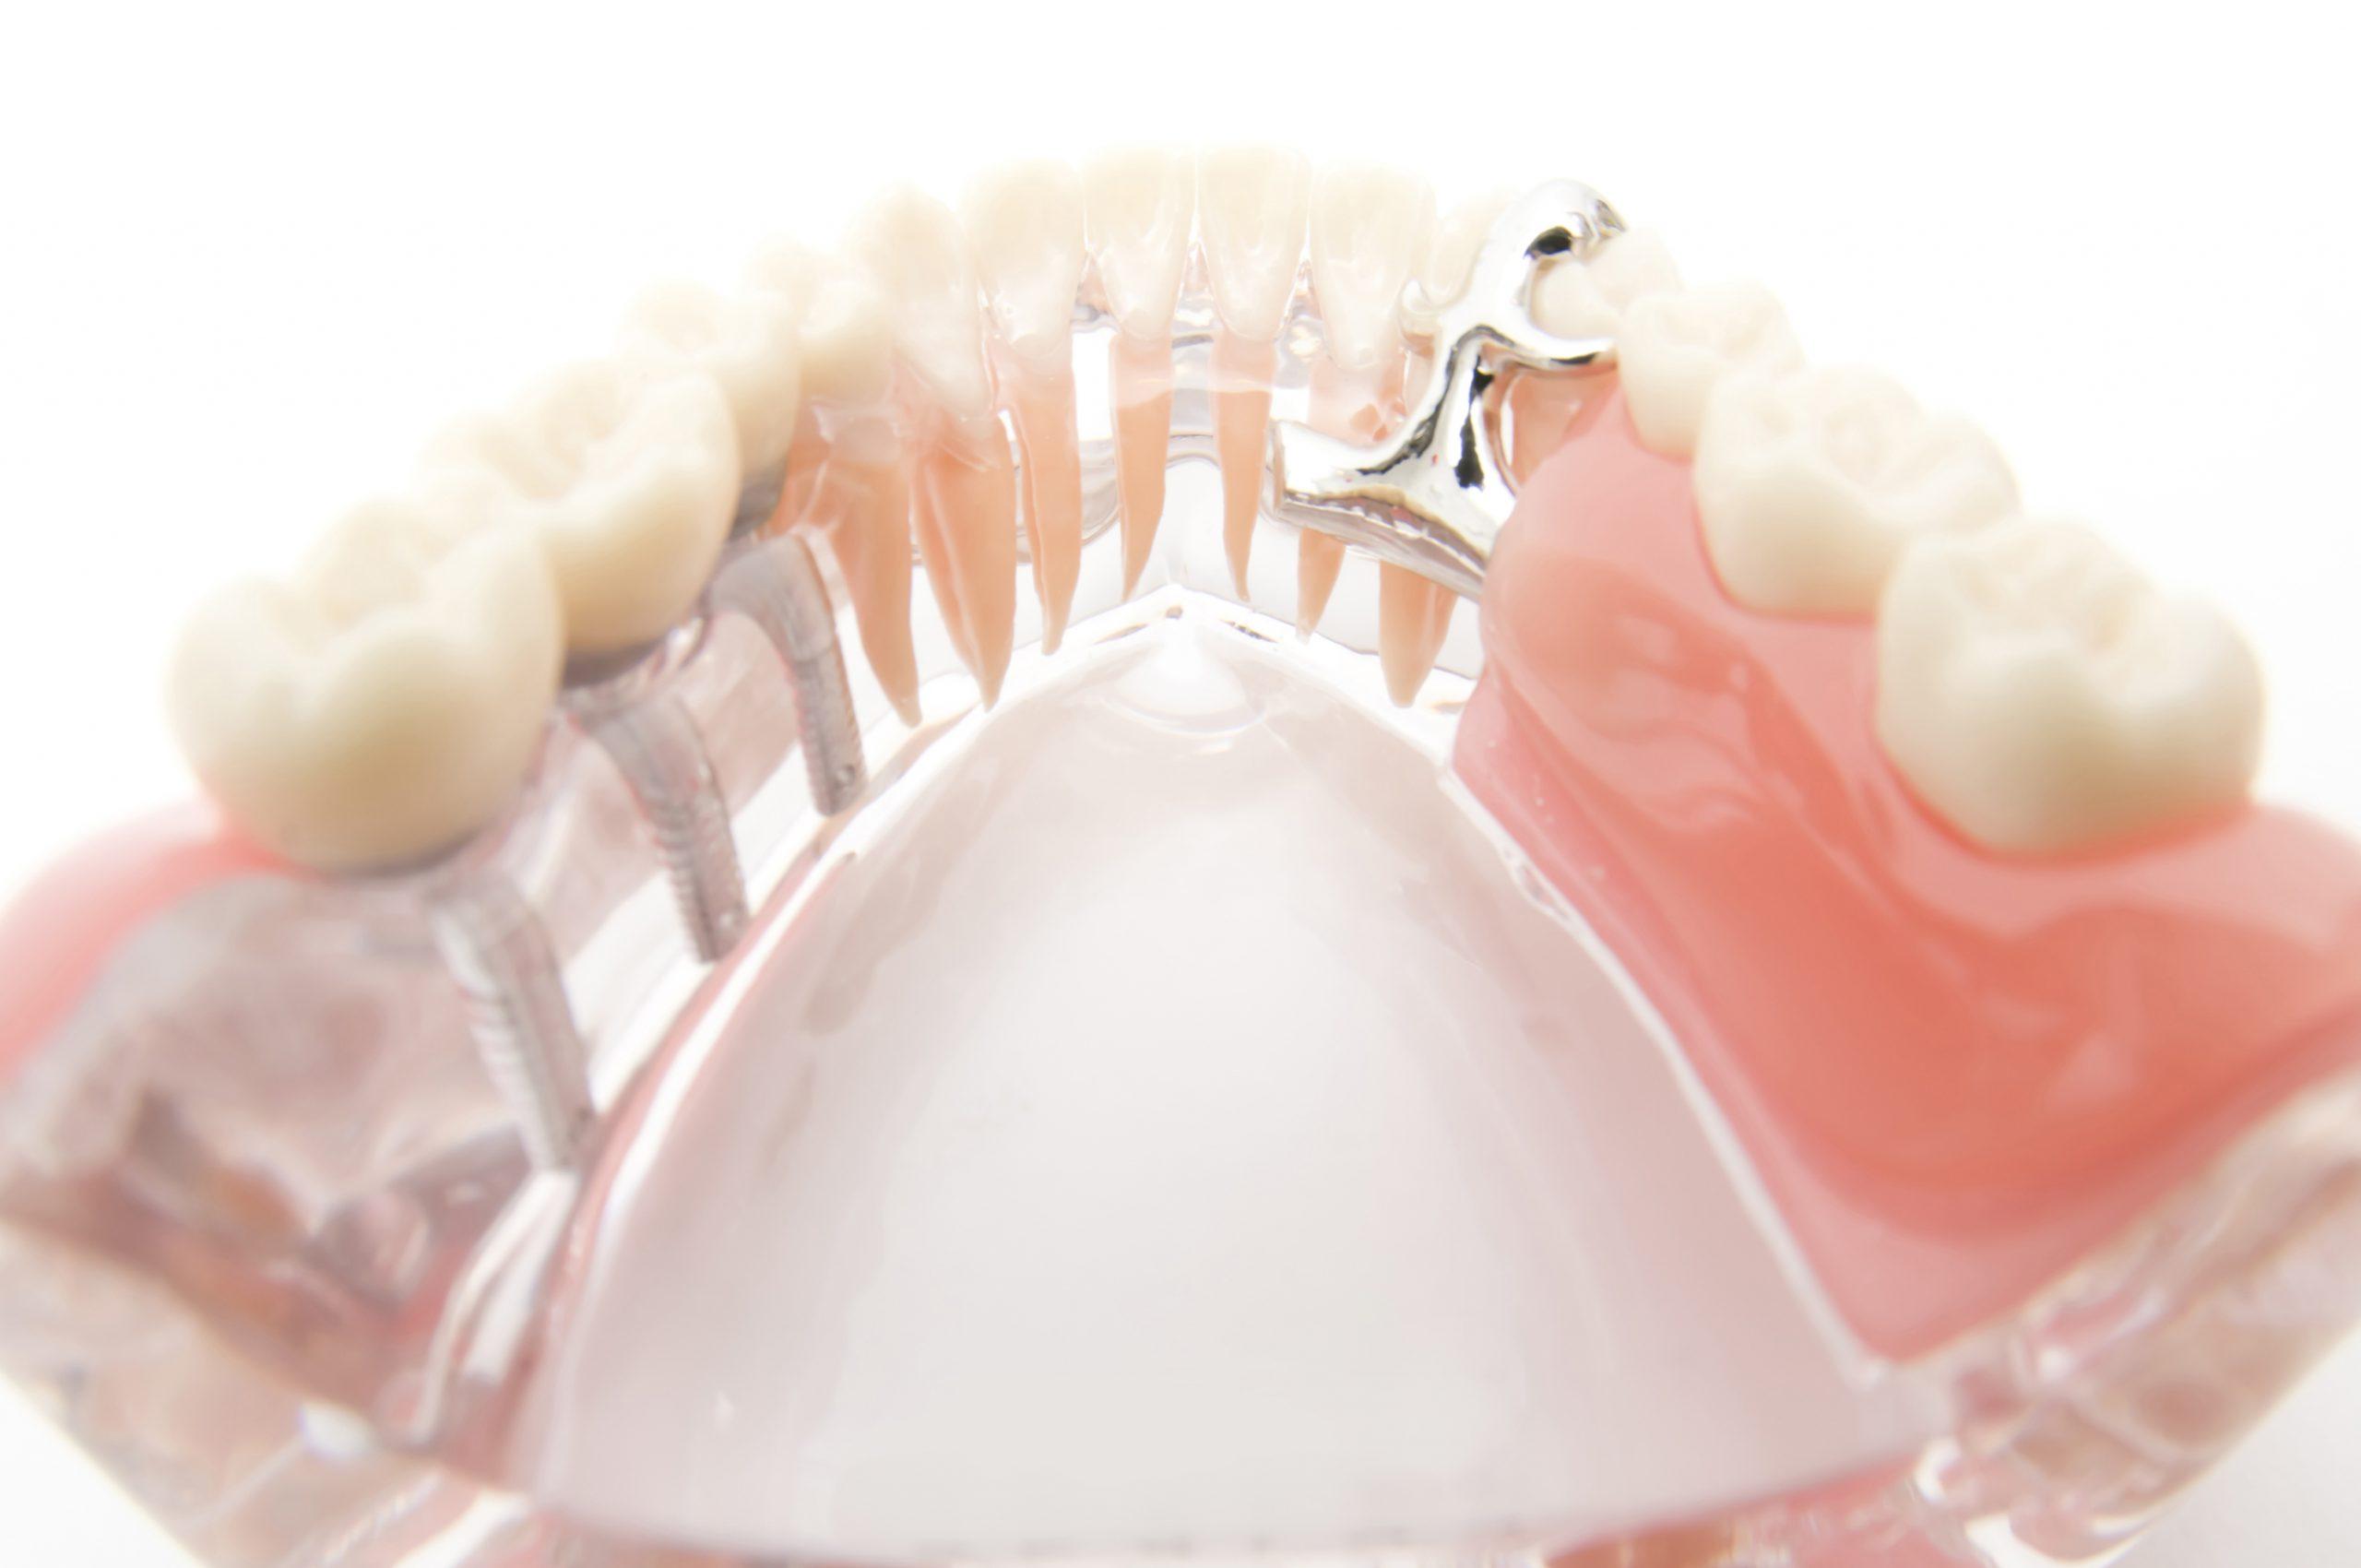 歯を失った方へ:歯を失ったらすぐに対処が必要です